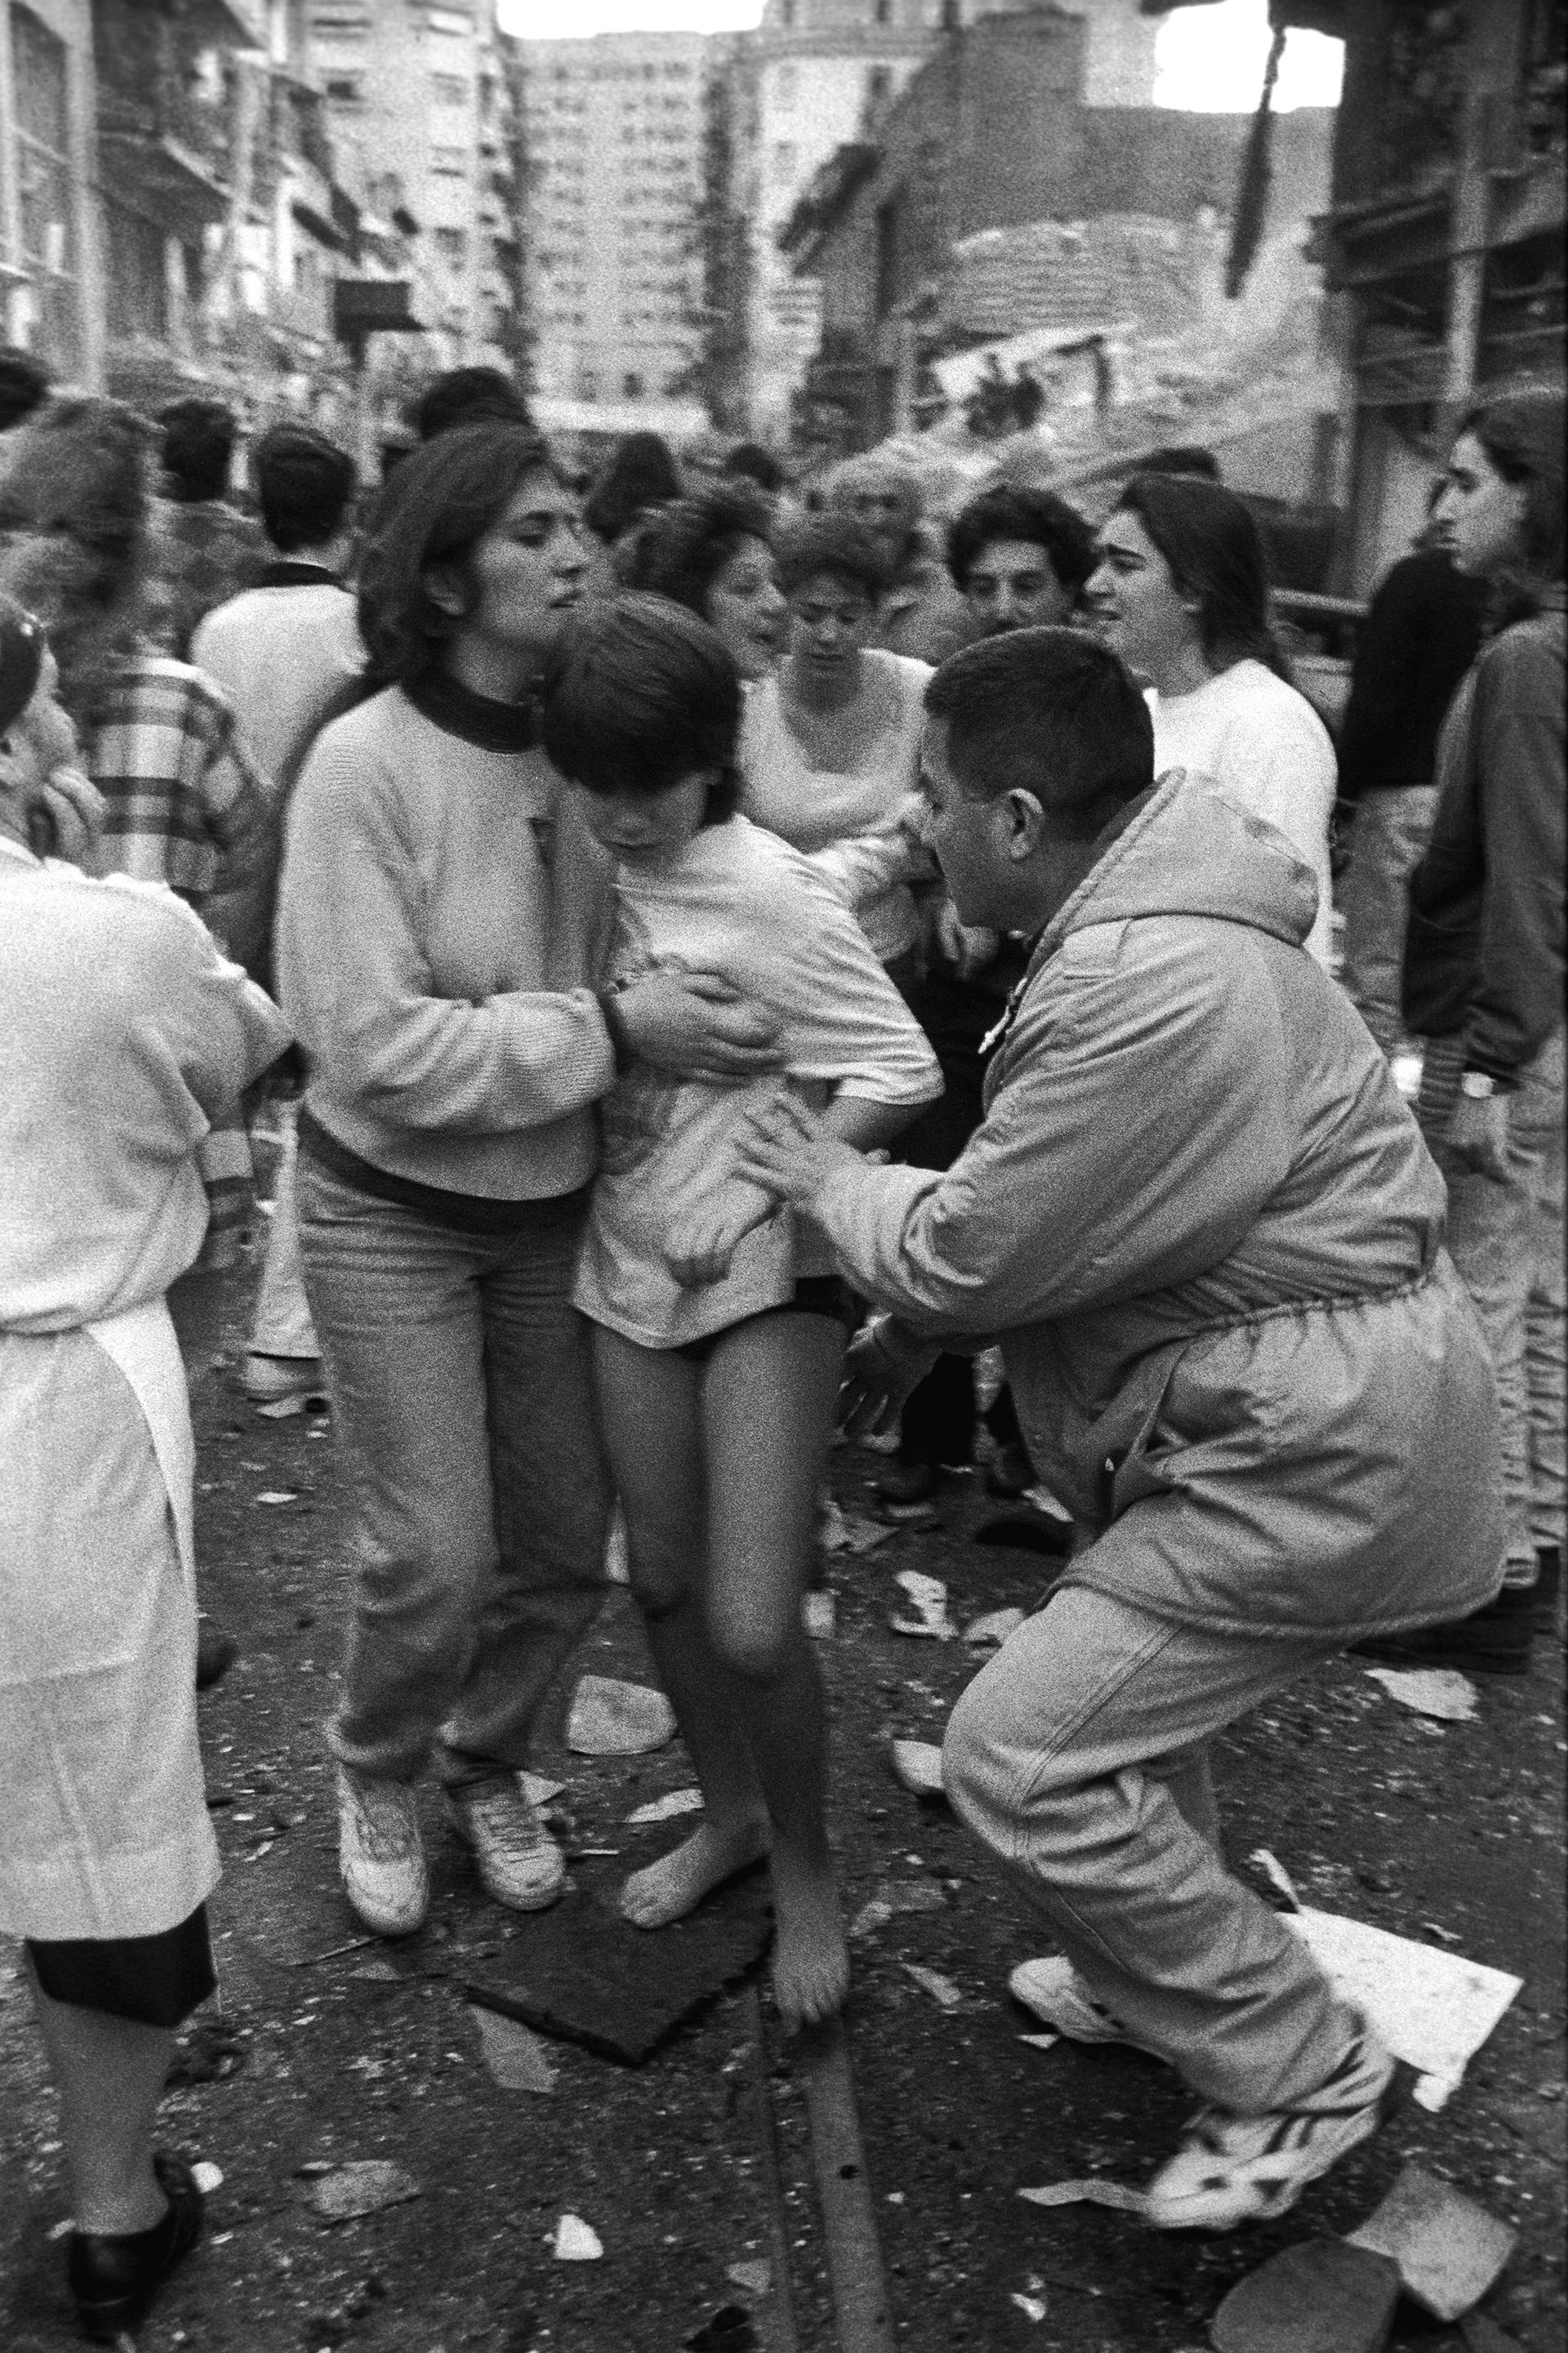 Un niño descalzo y sin pantalones escapando del drama fue una de las primeras fotografías que tomó Julio Menajovskydel atentado a la AMIA,minutos después de que una bomba asesinara a 85 personas y dejara más de 300 heridos (Julio Menajovsky)